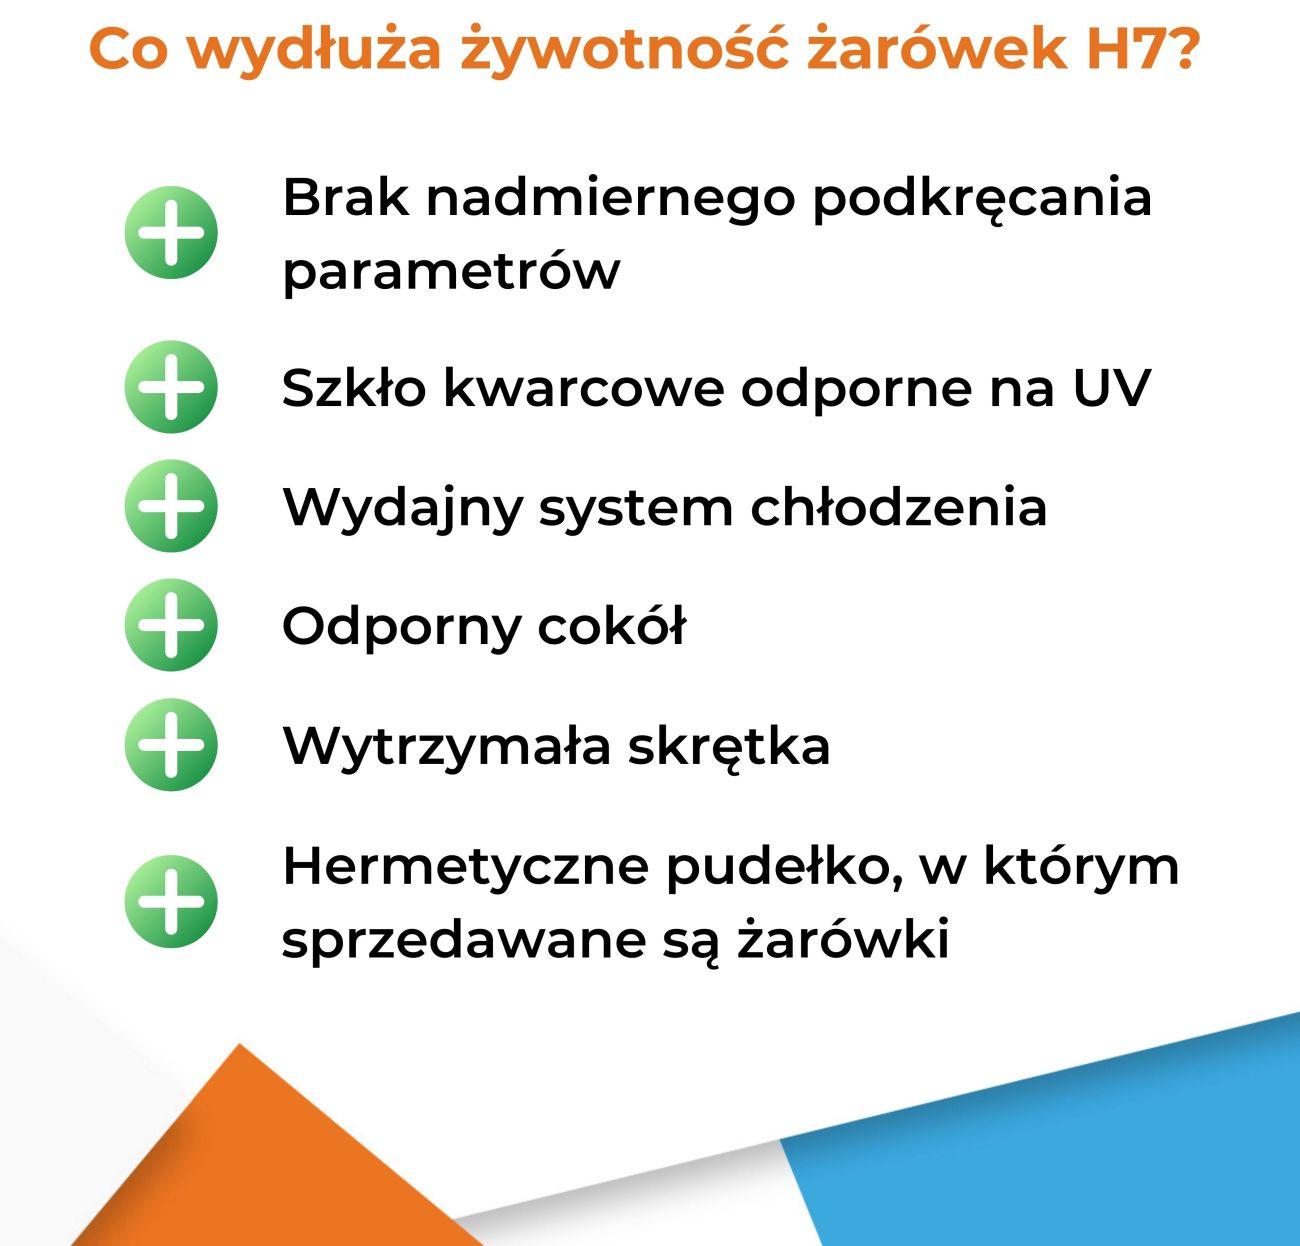 Jakie cechy wydłużają żywotność żarówek H7? Infografika